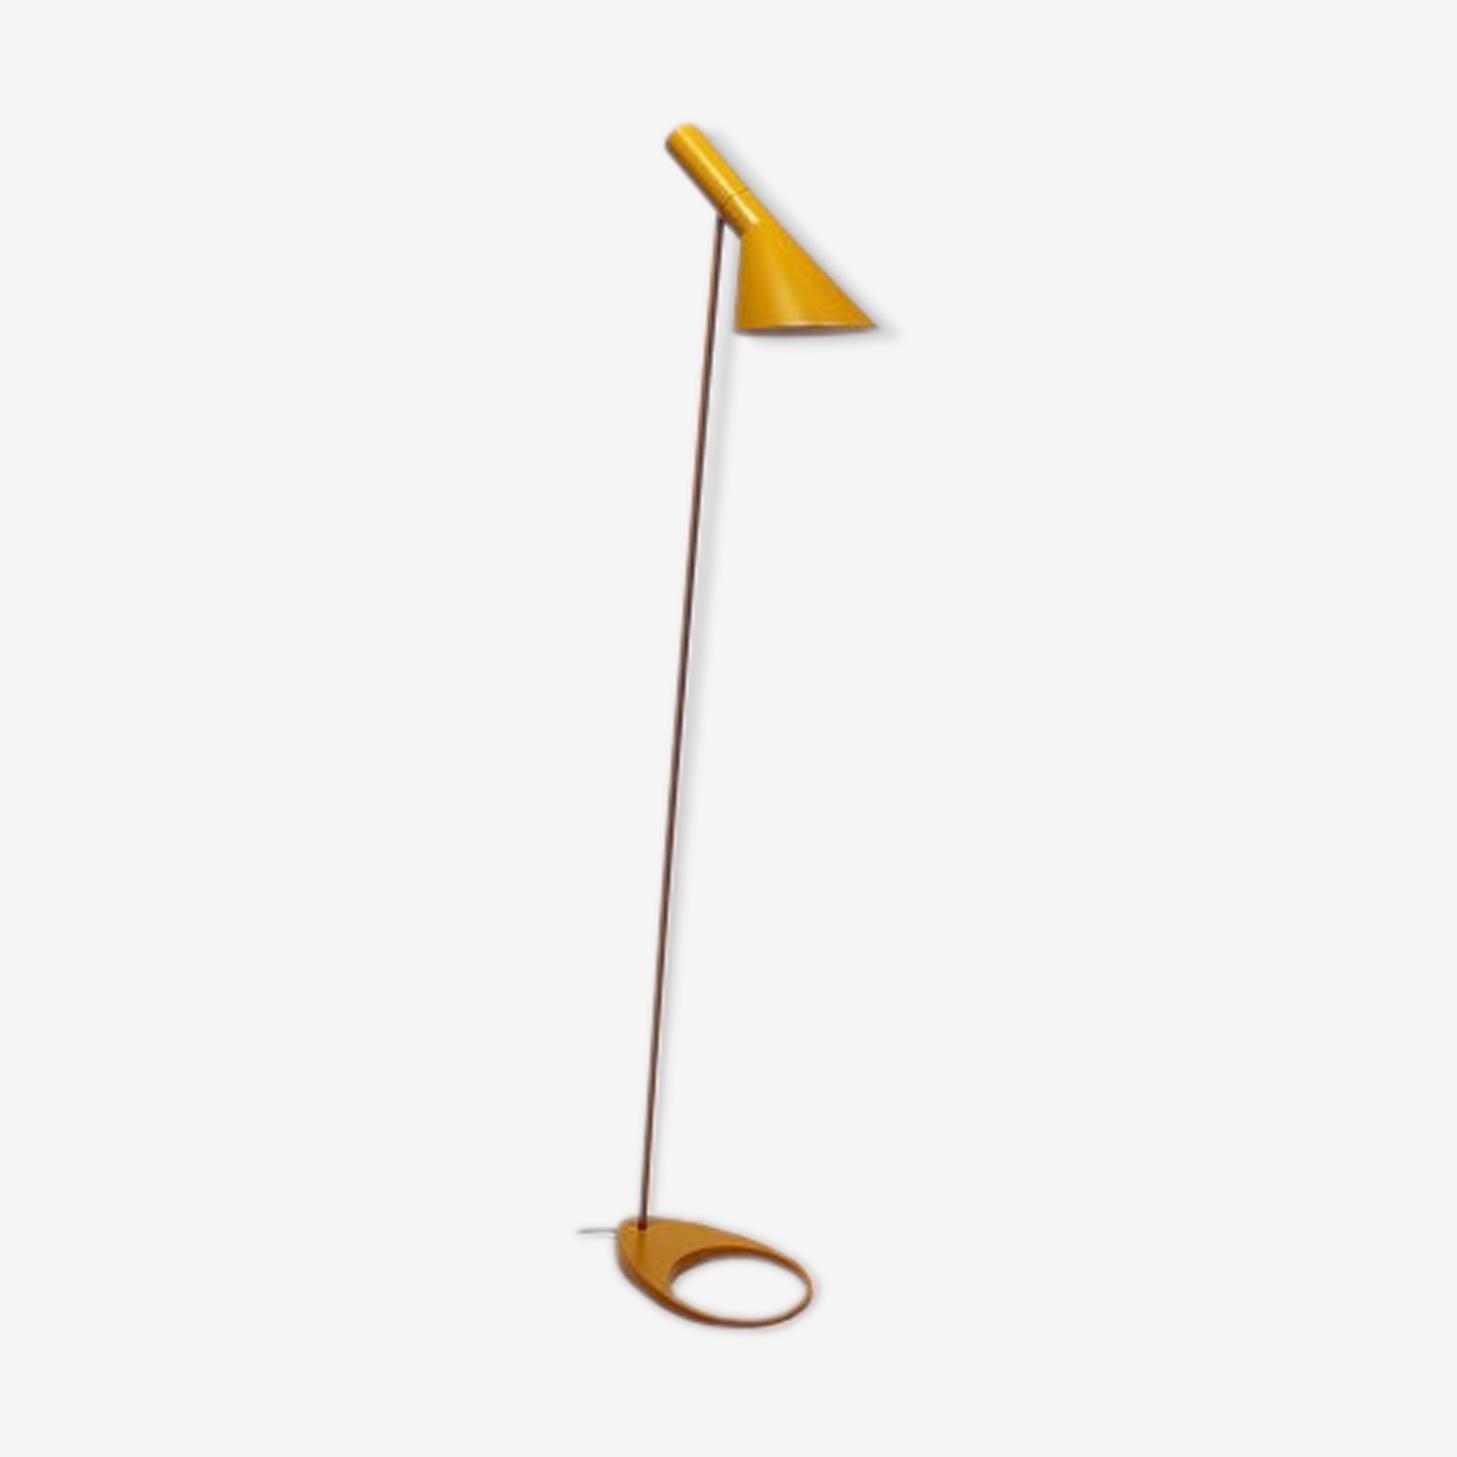 Lampadaire jaune par Arne Jacobsen 1960